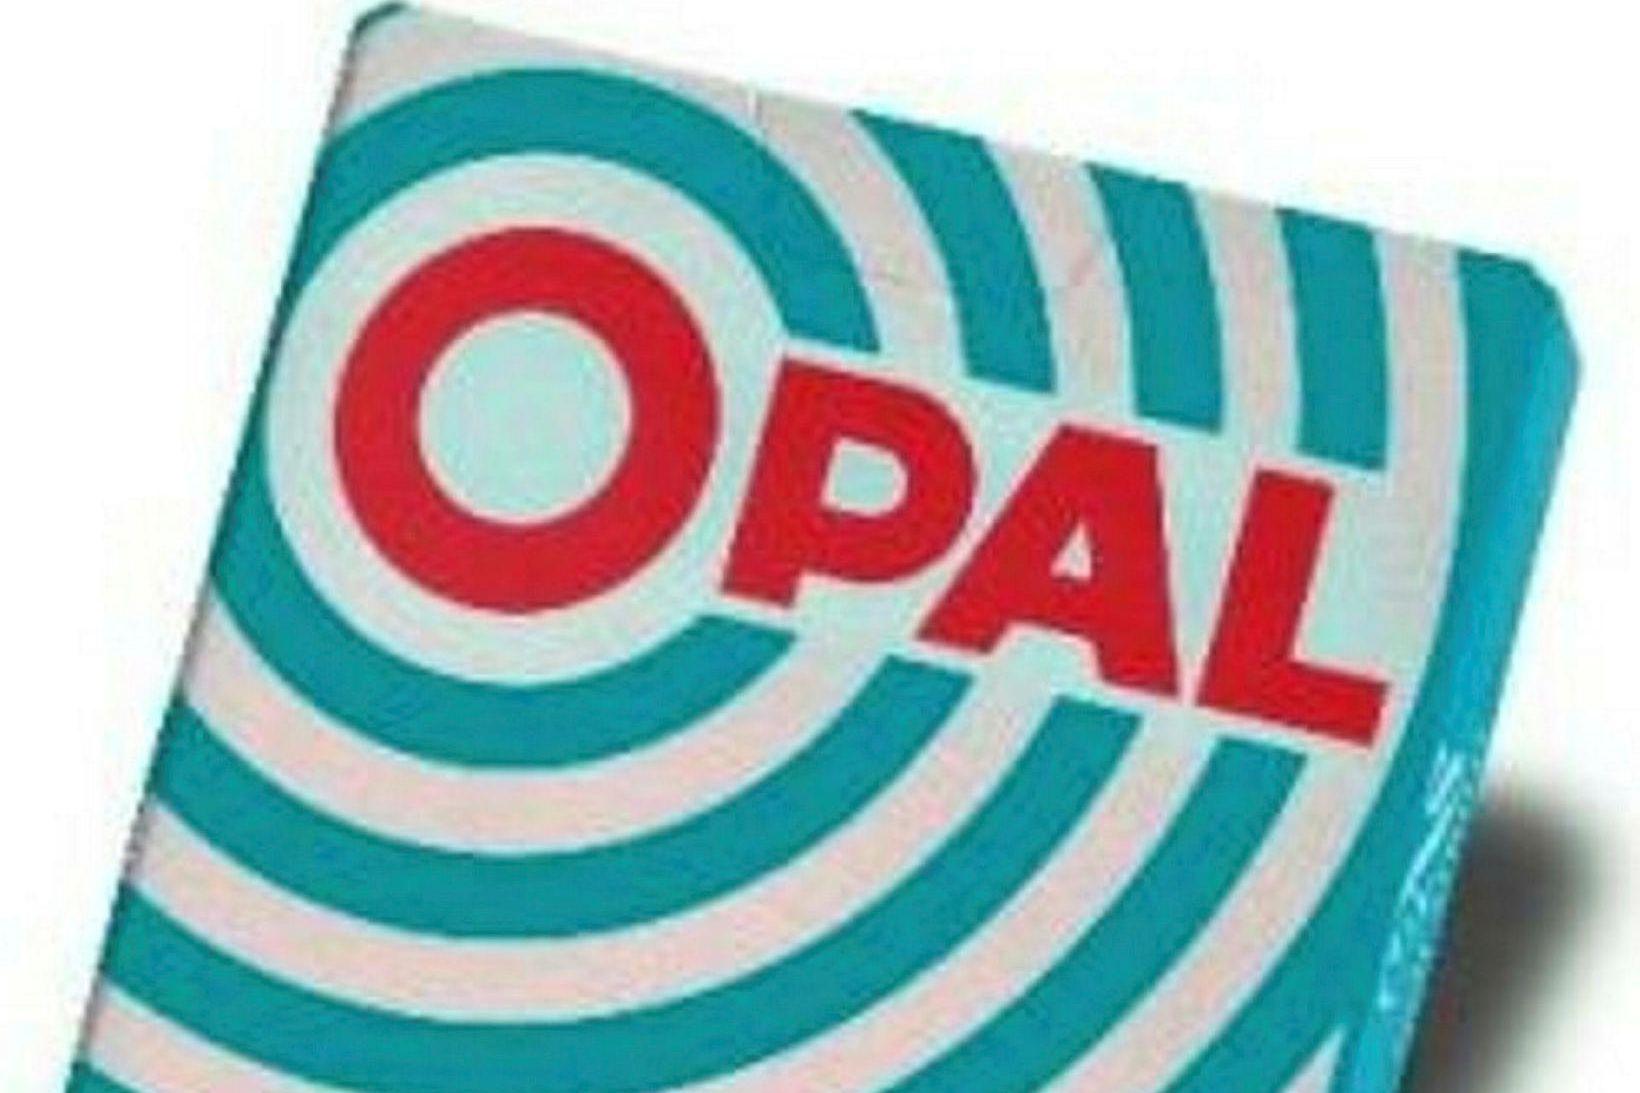 Bláum Opal mun örugglega bregða fyrir á sýningunni góðu.